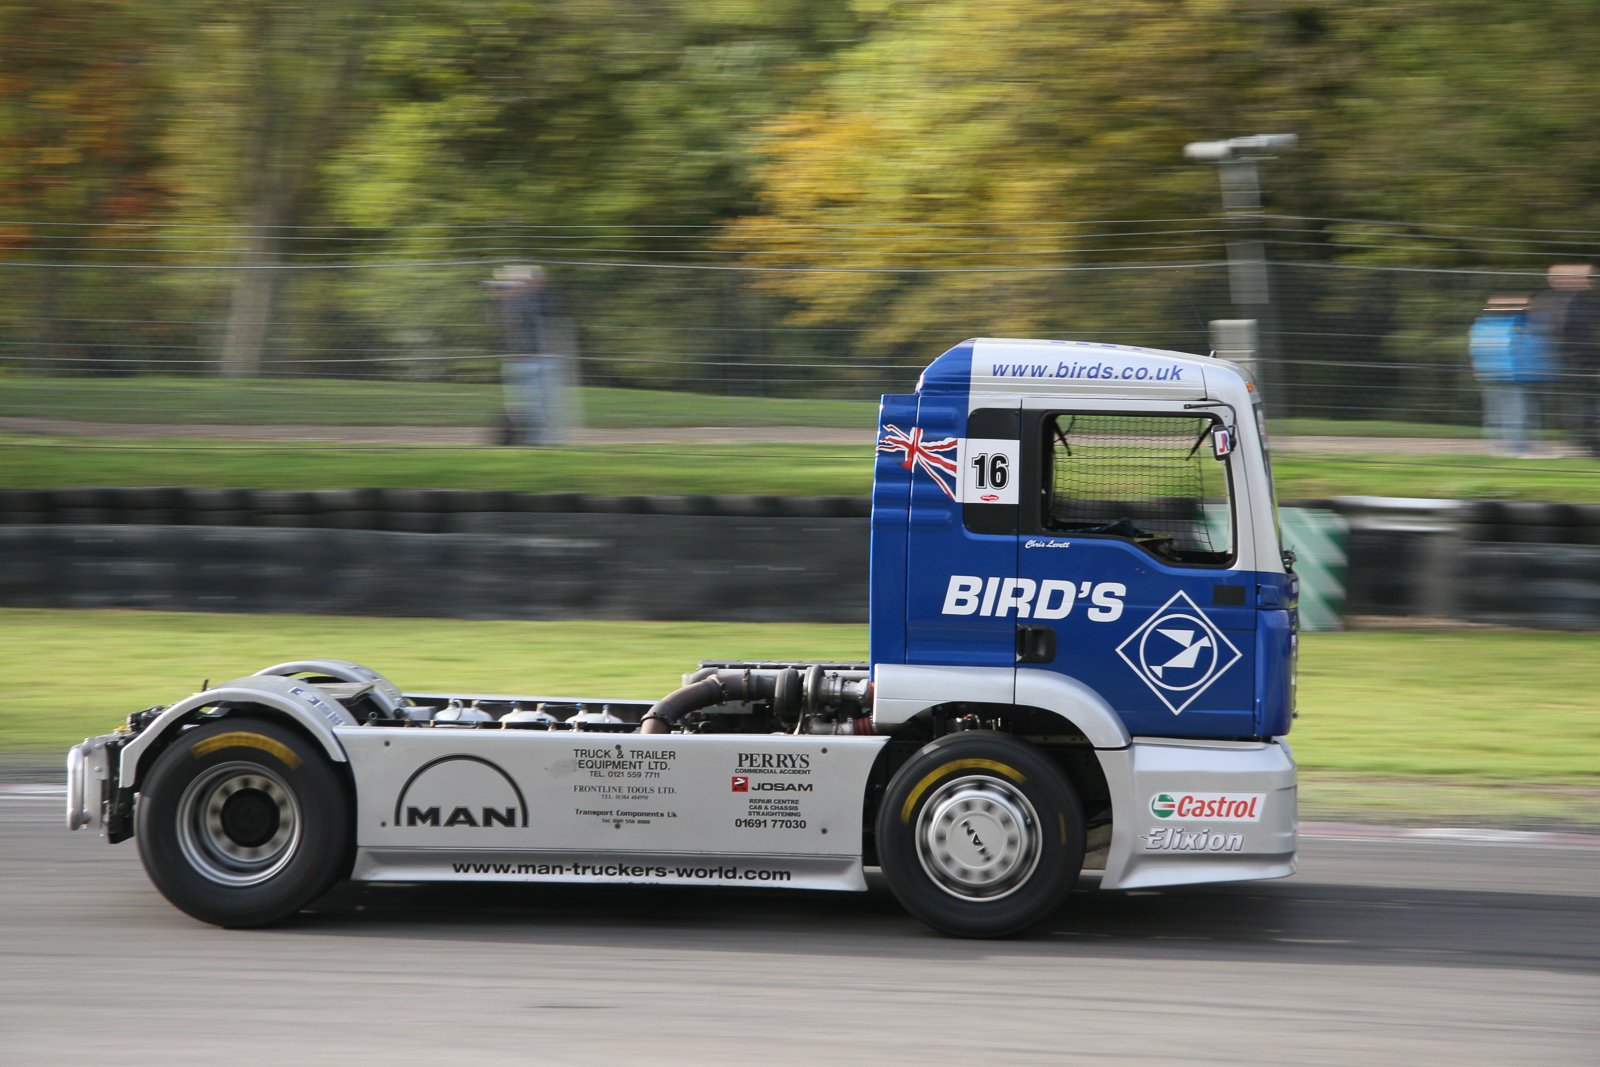 20071103 - Truck Racing Brands -071103 -038